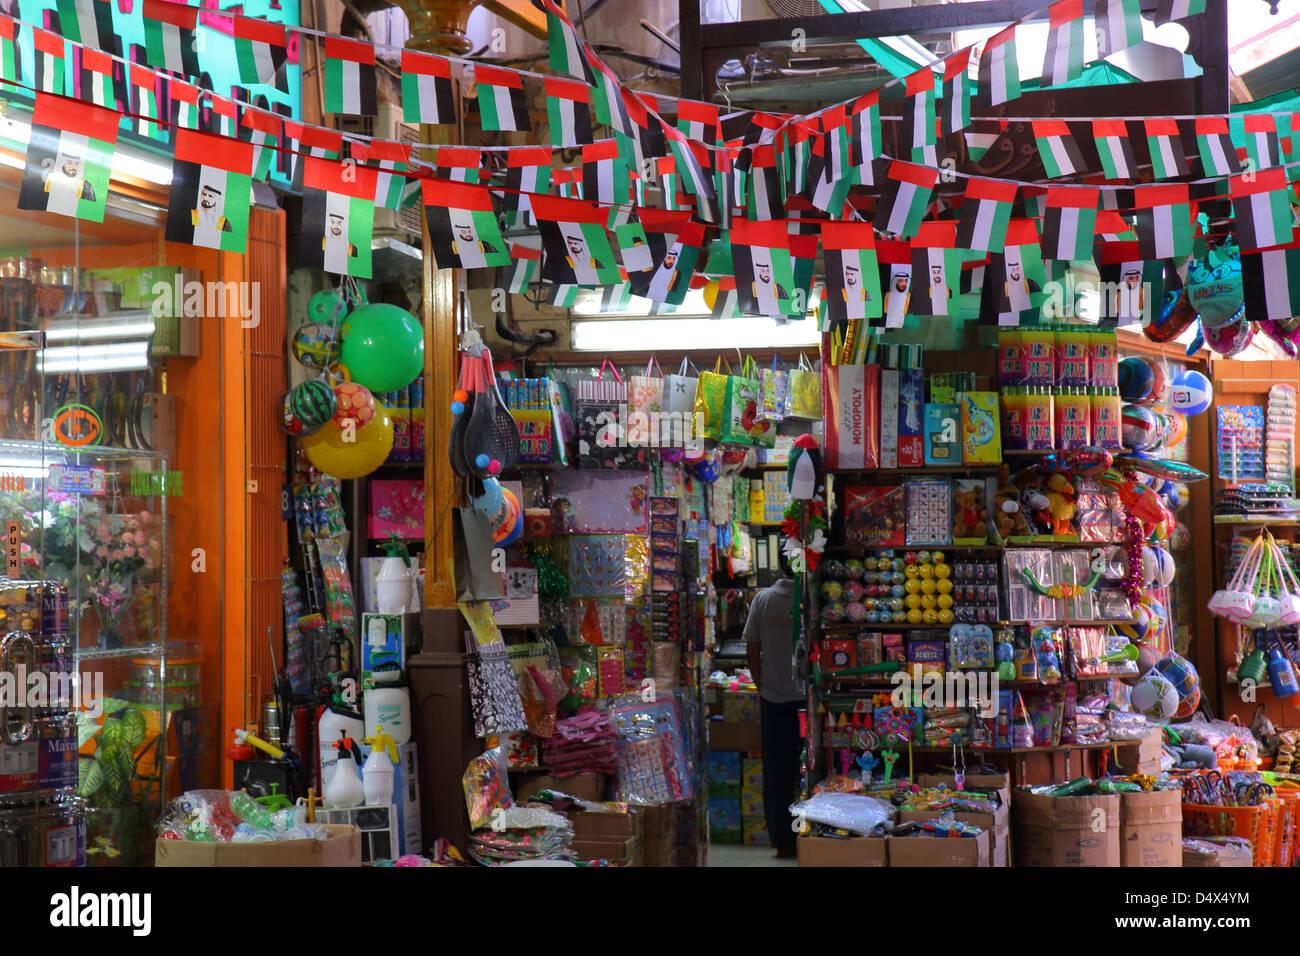 Mercado en Dubai, Emiratos Árabes Unidos. Imagen De Stock